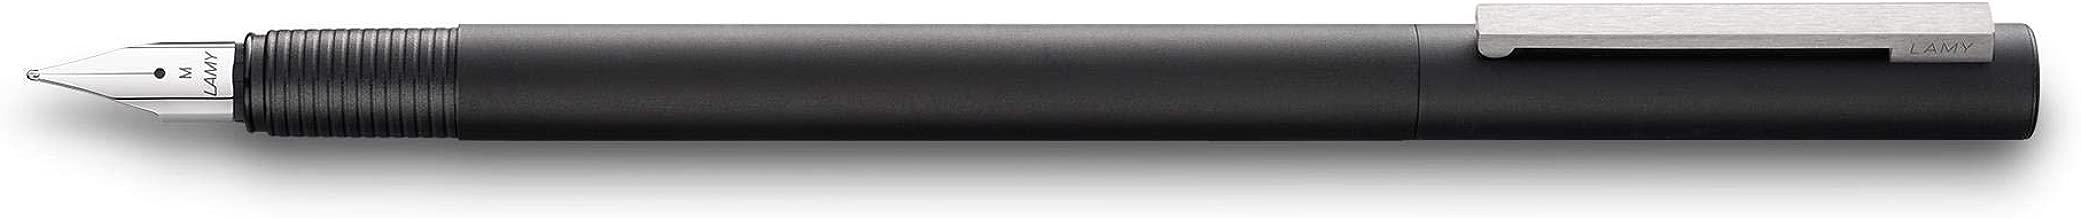 Lamy CP1 Matte Black Fountain Pen - Extra Fine